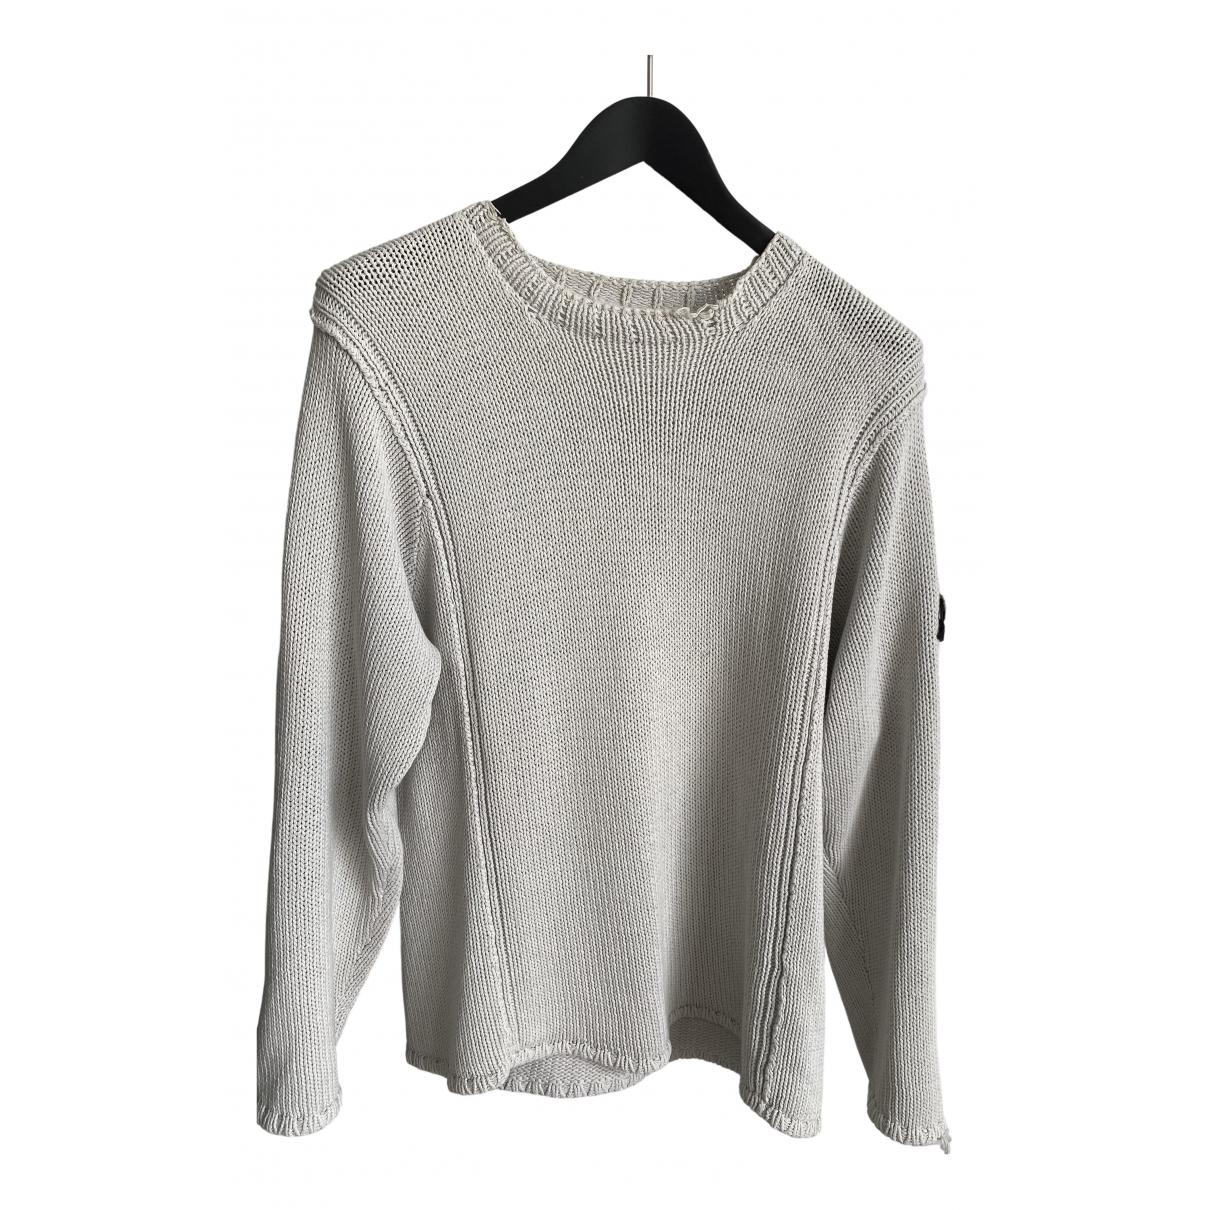 Stone Island \N Beige Cotton Knitwear & Sweatshirts for Men L International